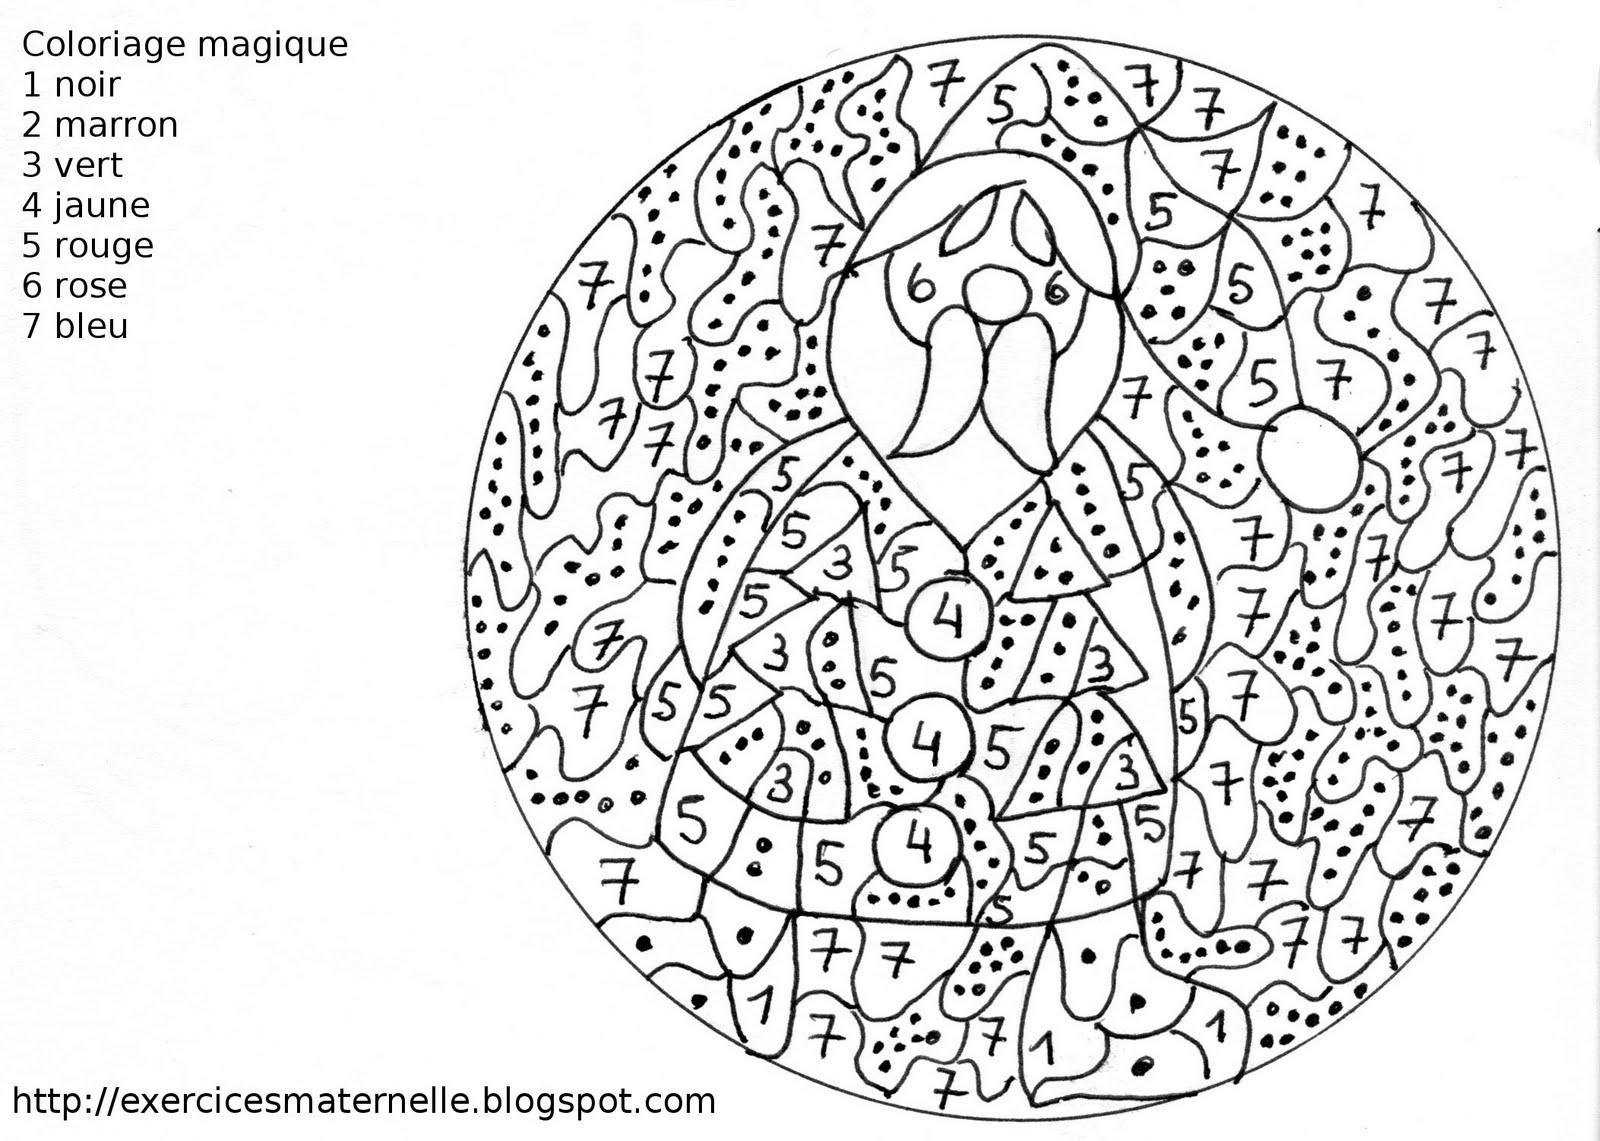 Coloriage Magique #97 (Éducatifs) – Coloriages À Imprimer tout Coloriage Magique Maternelle A Imprimer Gratuit